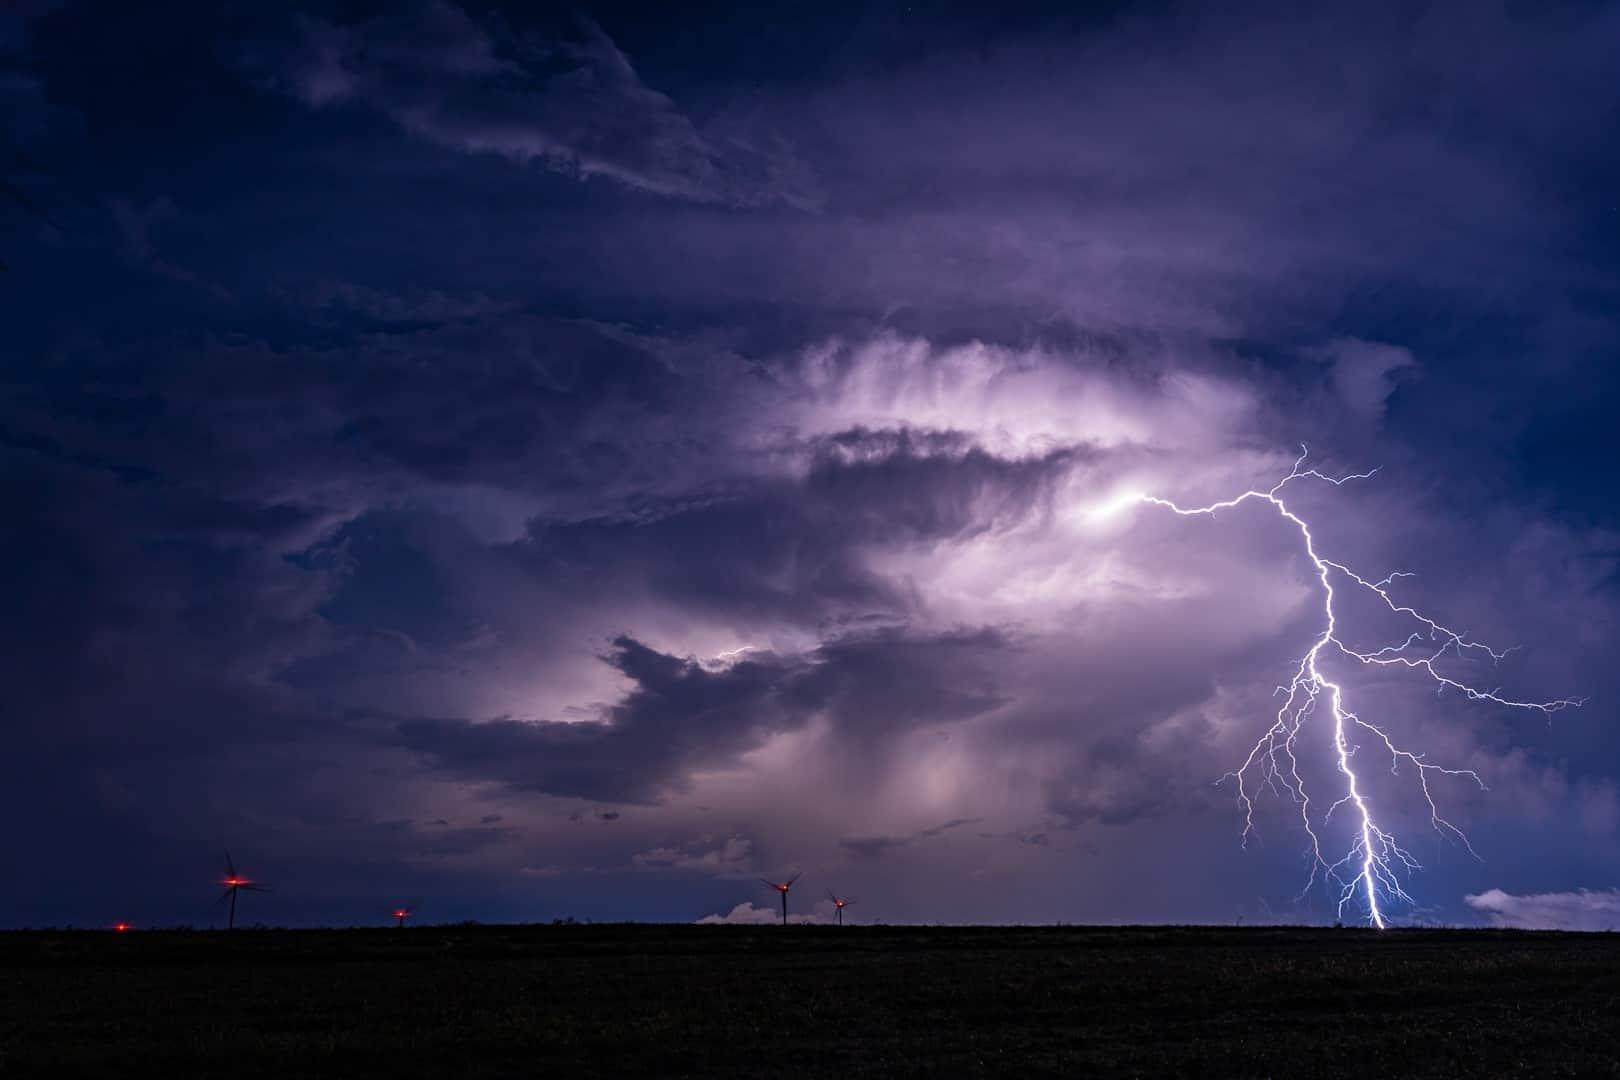 Pogoda. Groźne burze już nad Polską. Możliwe opady gradu. Gdzie jest burza 5.06.2021? - Fani Pogody